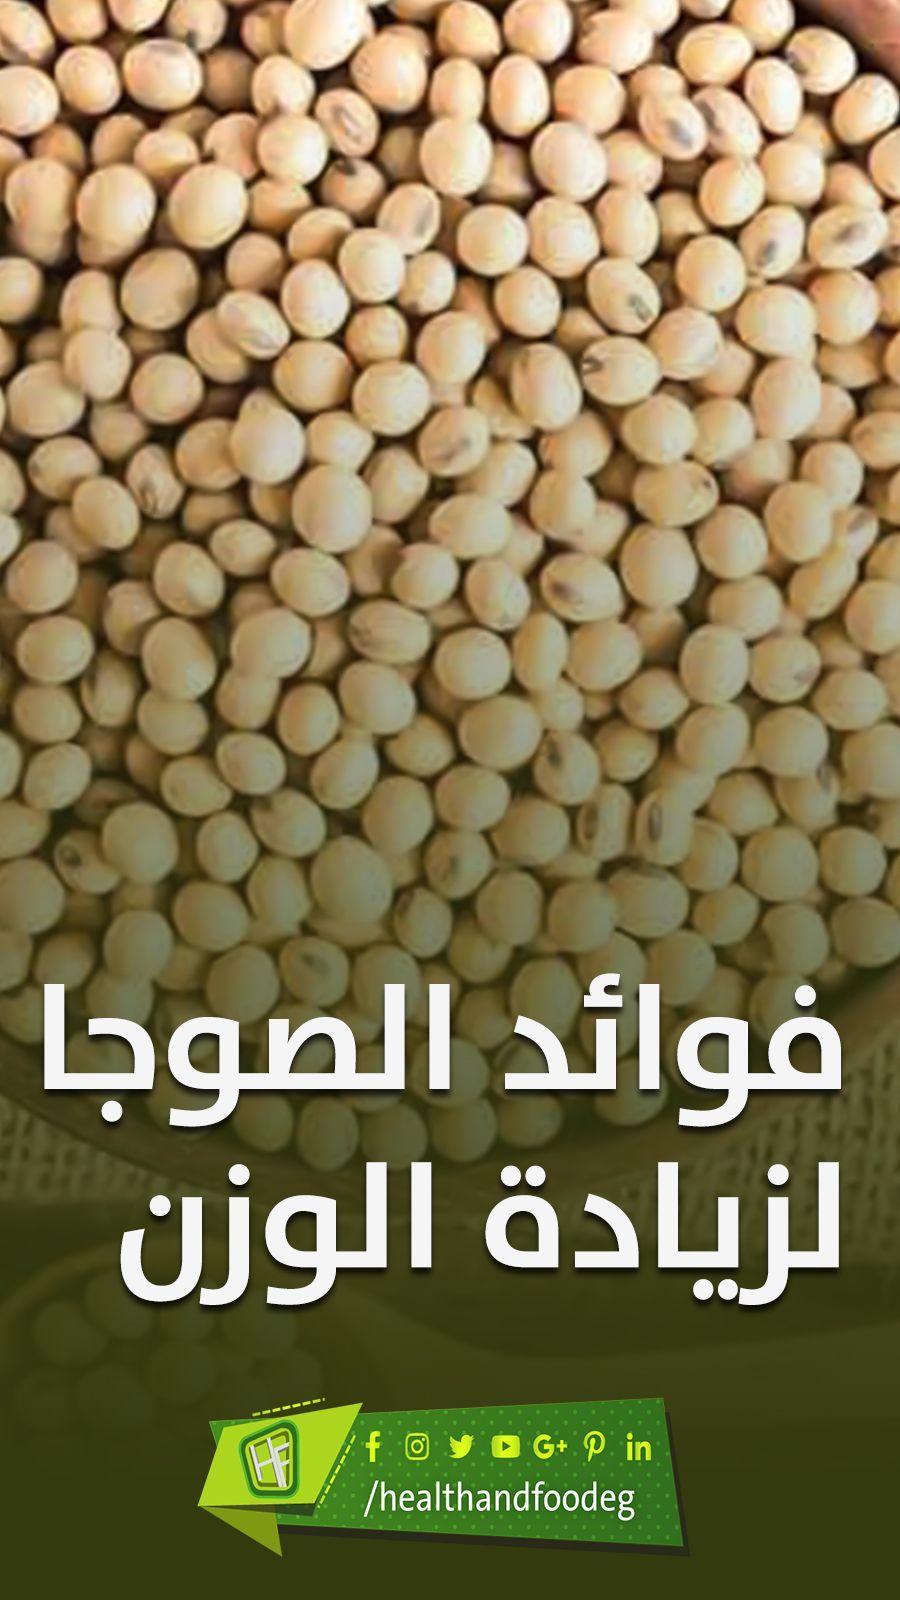 فوائد الصوجا للنساء Vegetables Lga Beans